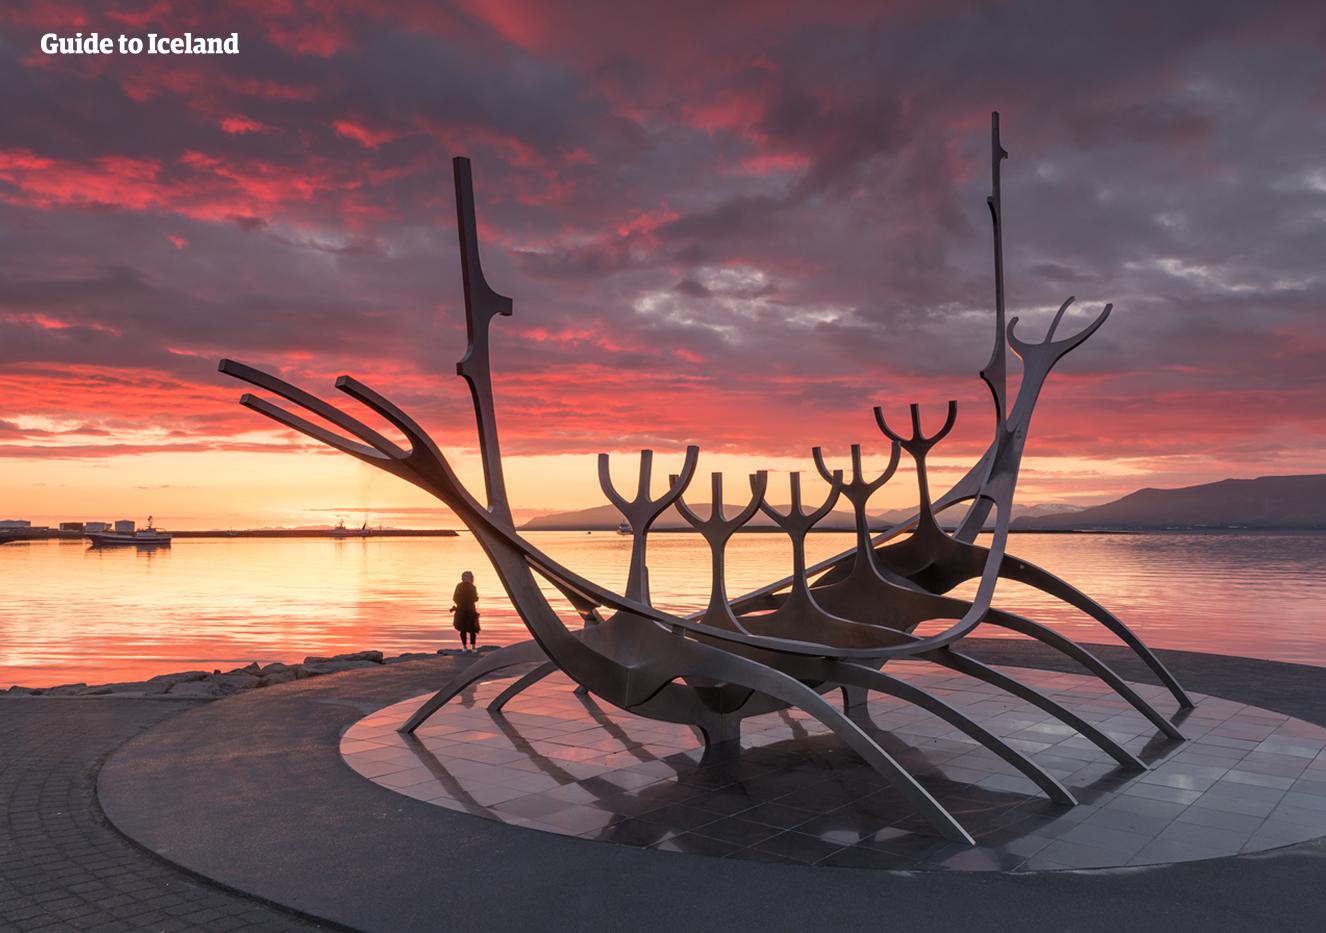 Reykjavík steckt voller Möglichkeiten – von aufregenden Nachtbars bis zu interessanten Museen und Kunstgalerien.